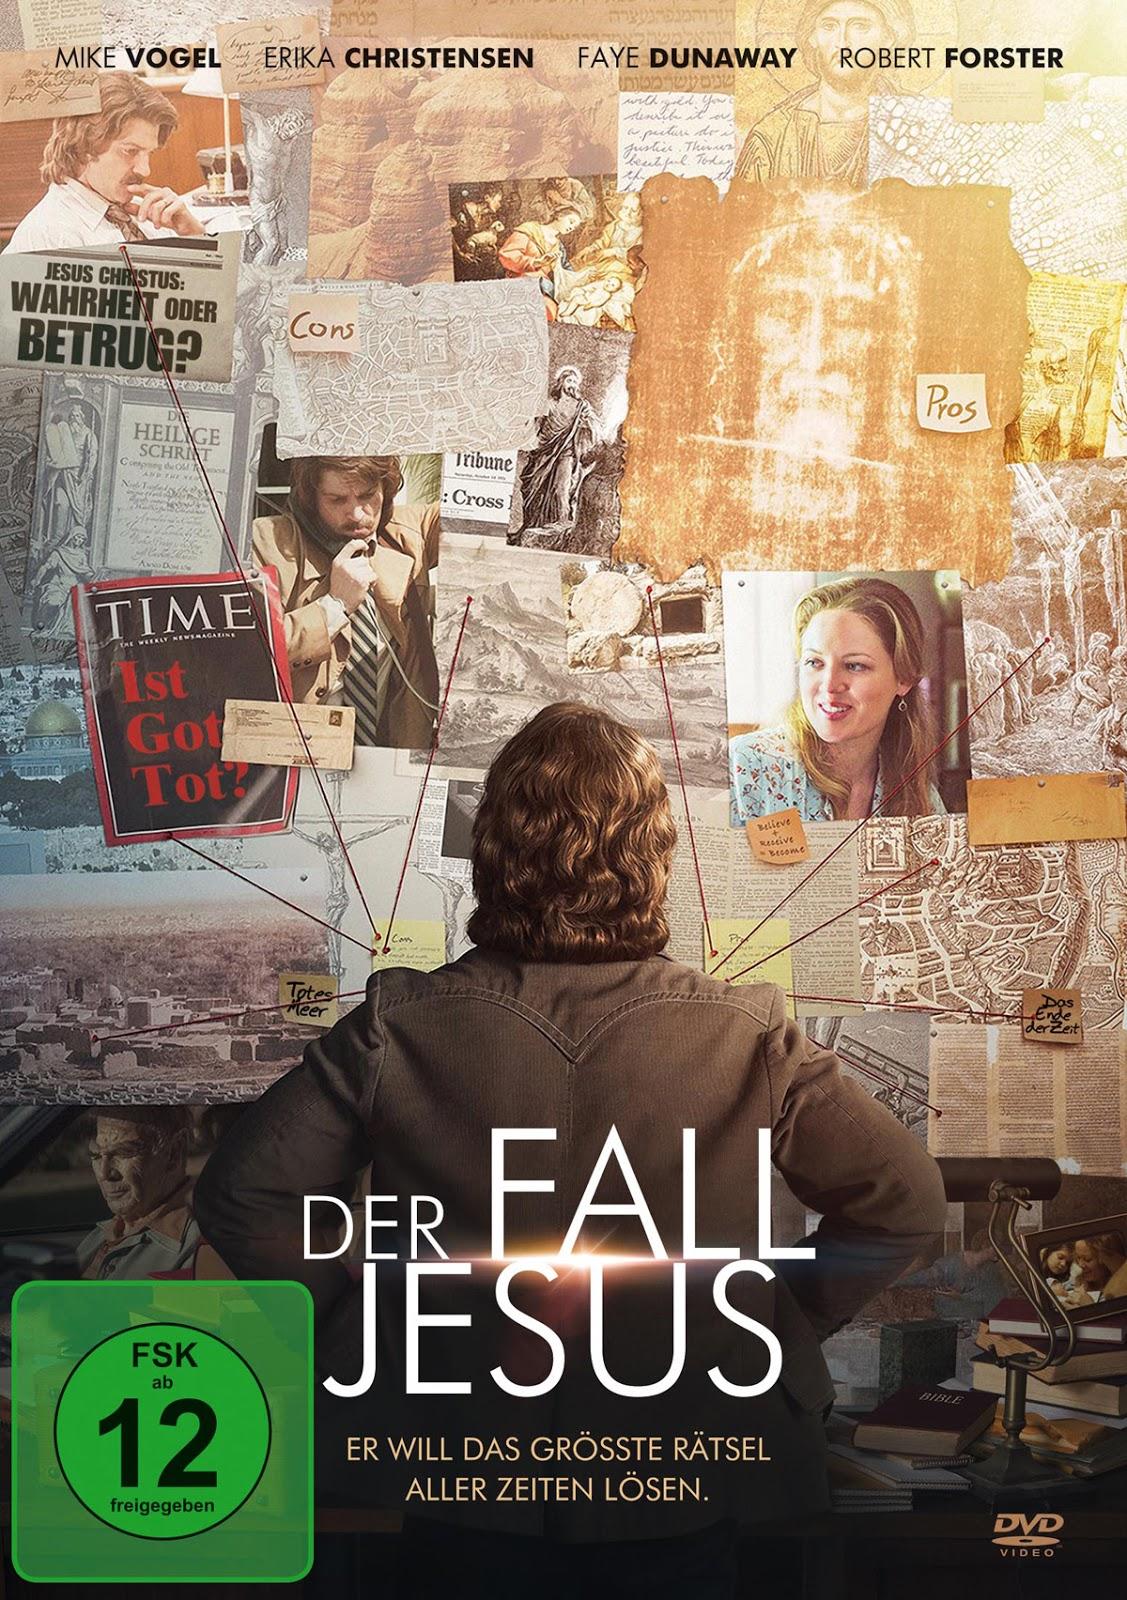 Der Fall Jesus (Filmkritik) | Die Seilerseite.